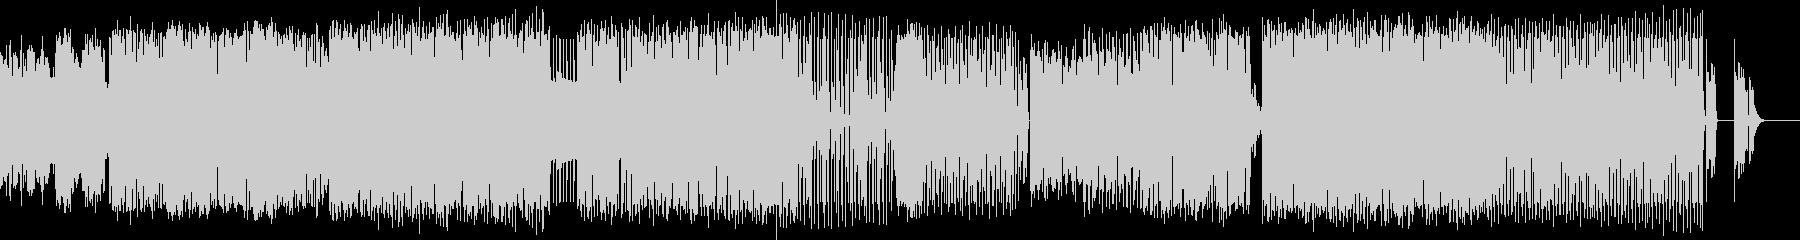 爽やかなHouseMusicの未再生の波形